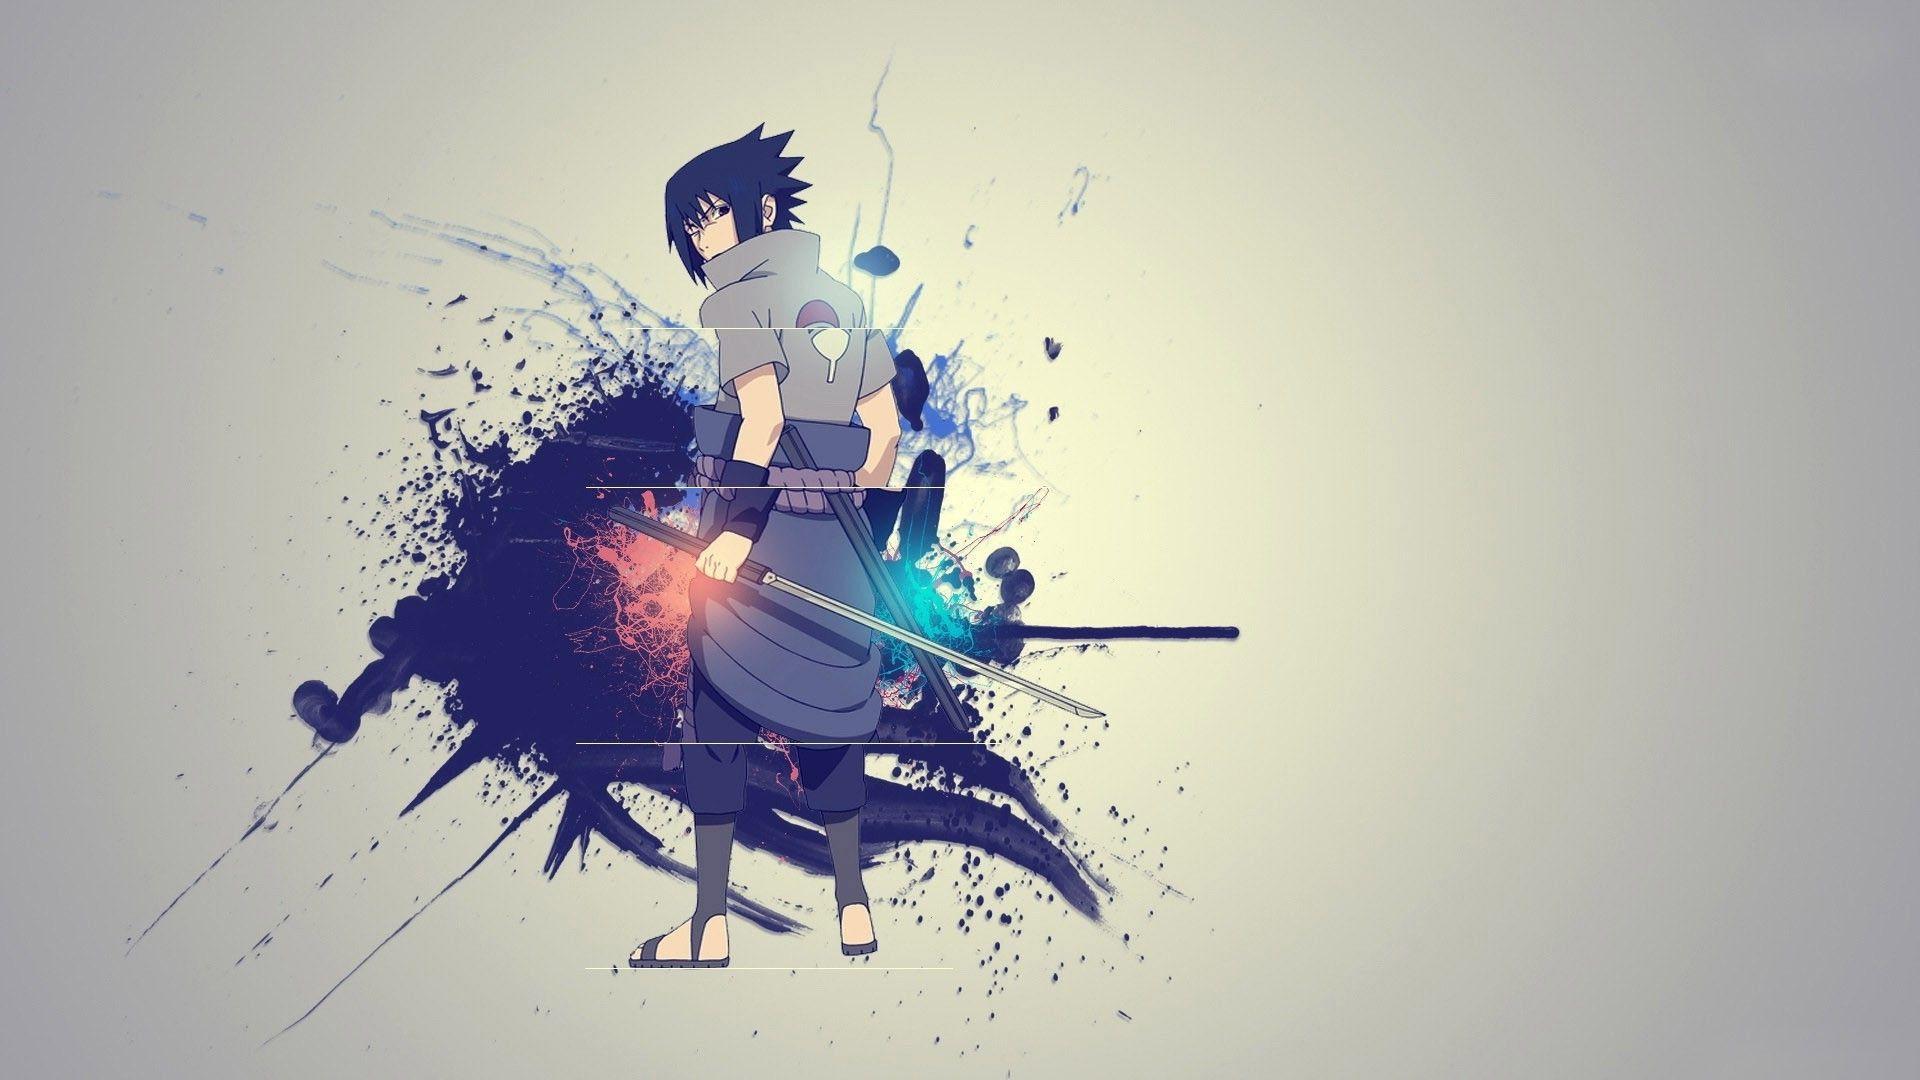 Anime 1920x1080 Uchiha Sasuke Anime Naruto Shippuuden